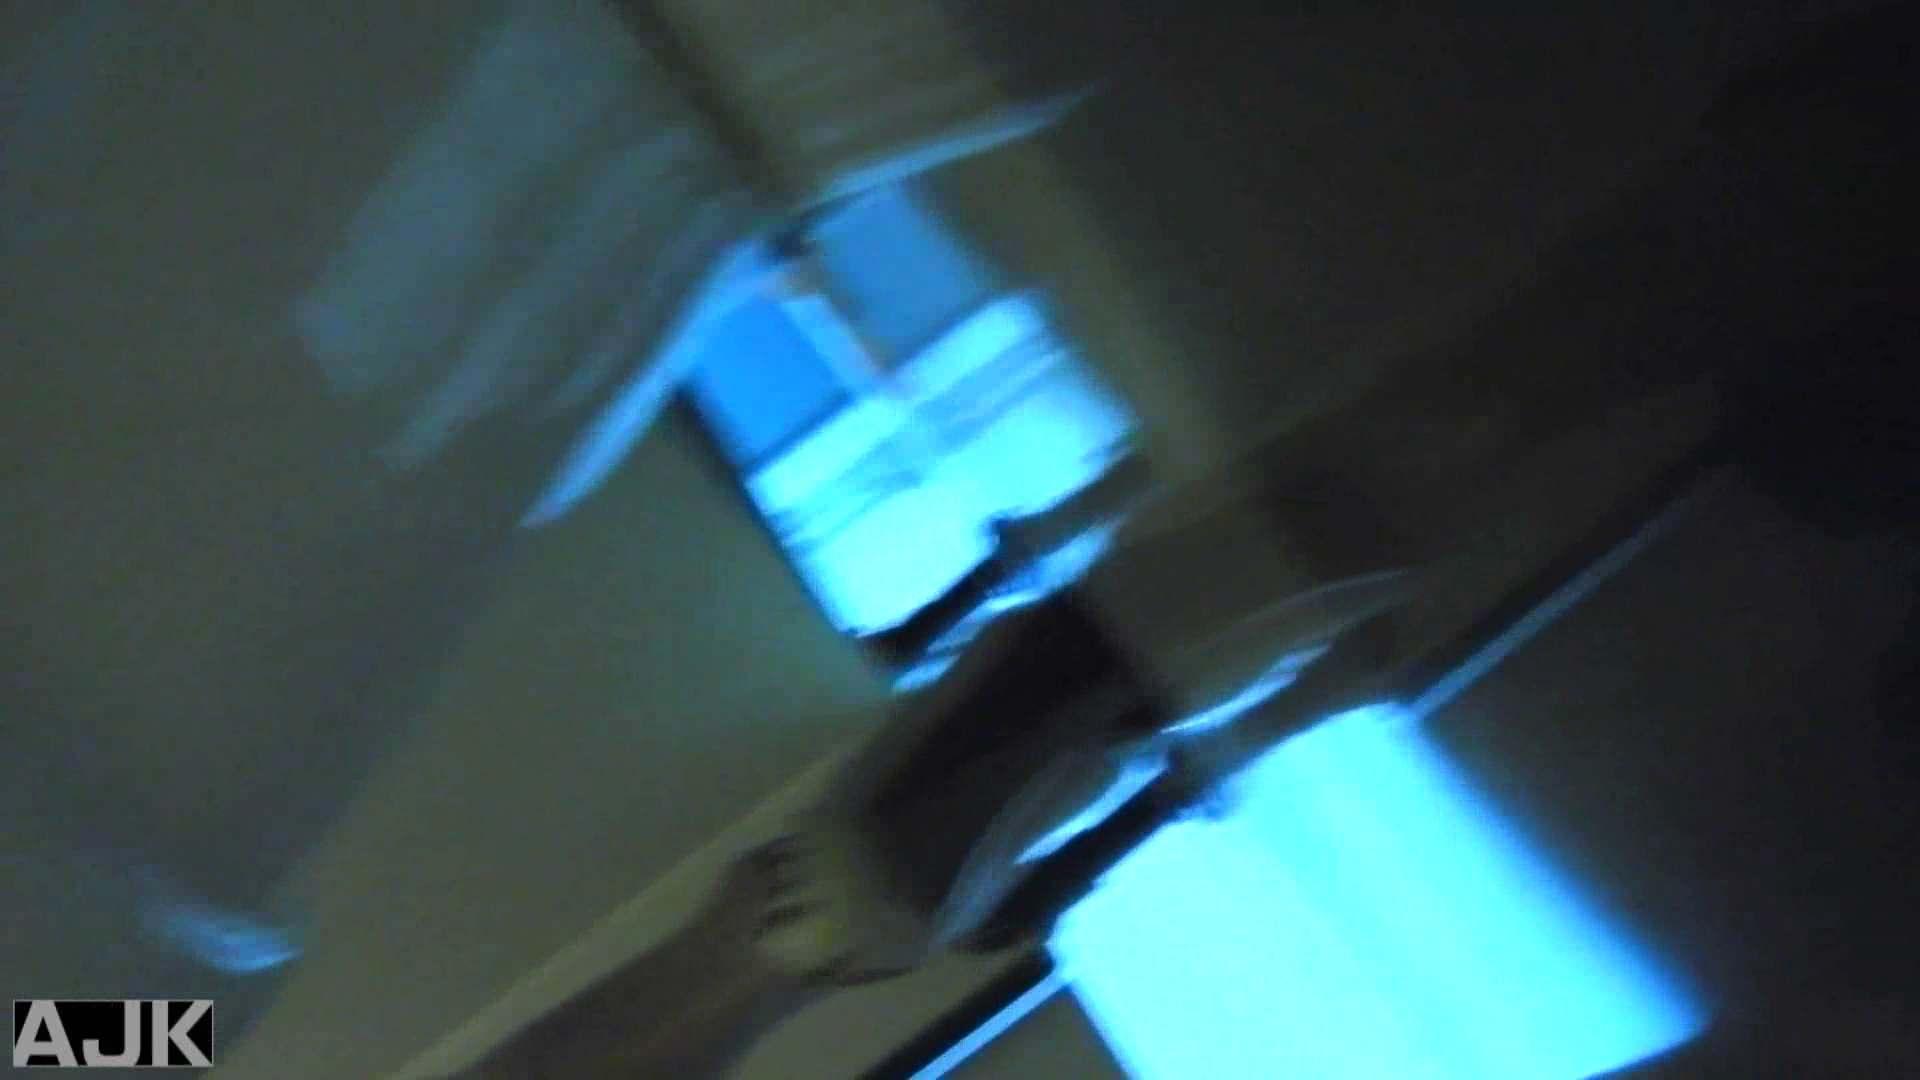 隣国上階級エリアの令嬢たちが集うデパートお手洗い Vol.23 エロいOL オメコ動画キャプチャ 74枚